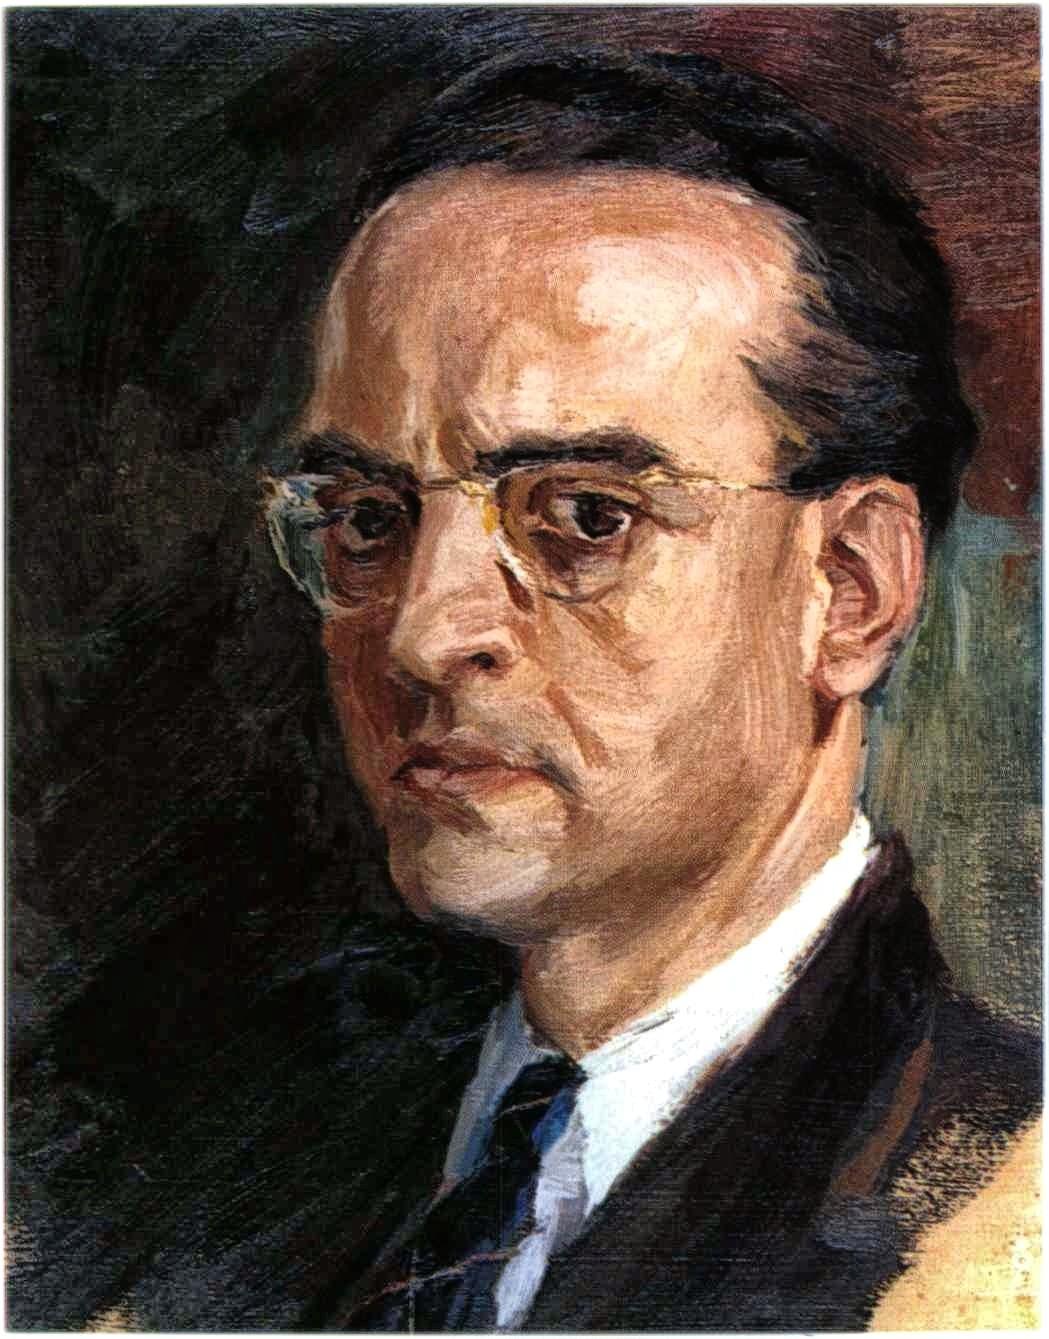 Self portrait of Alexandros Alexandrakis